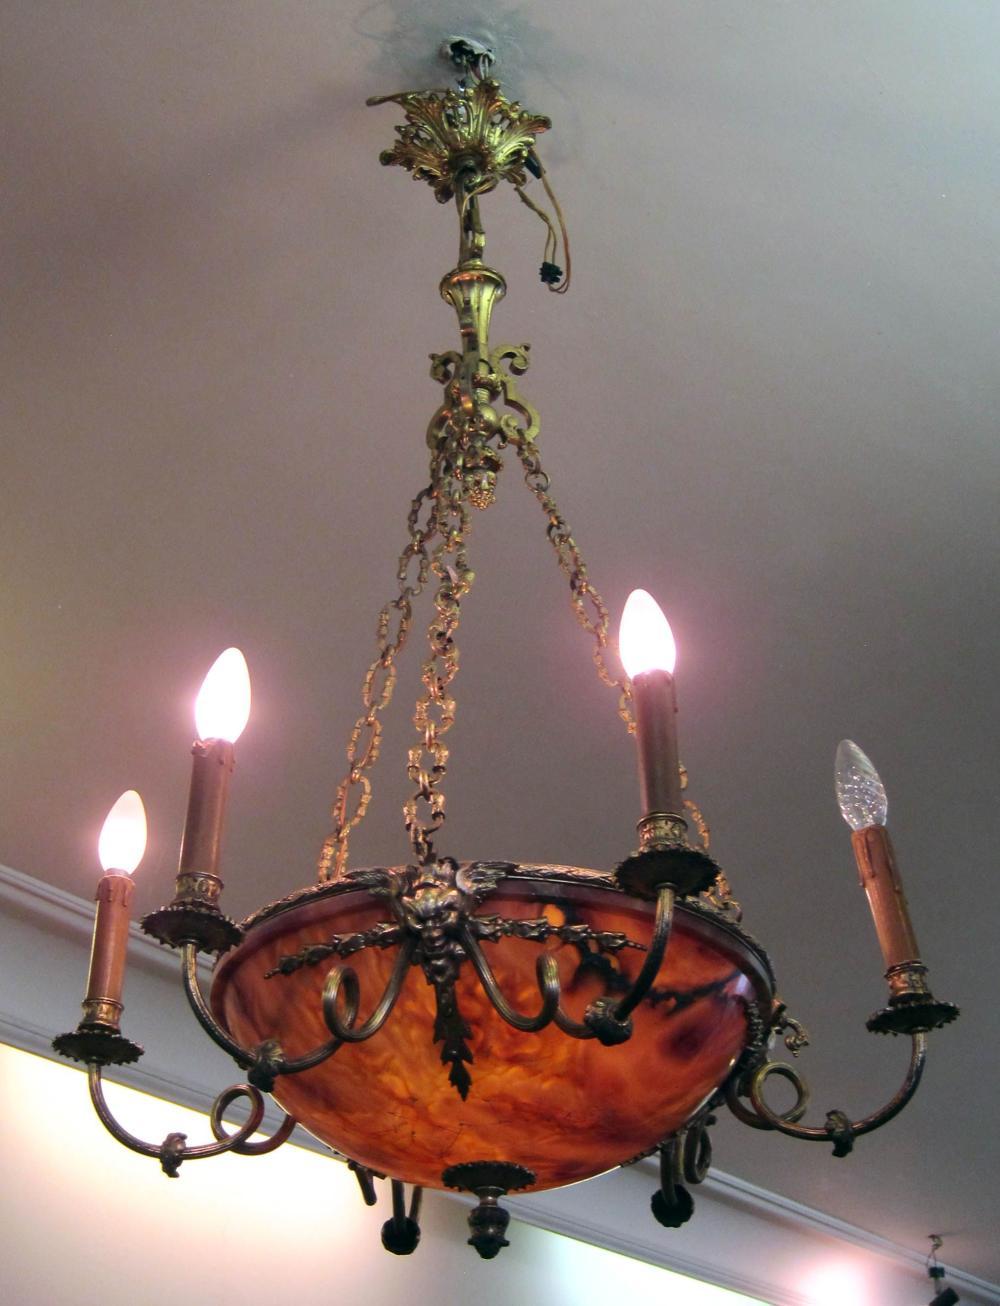 4-light bronze hanging fixture